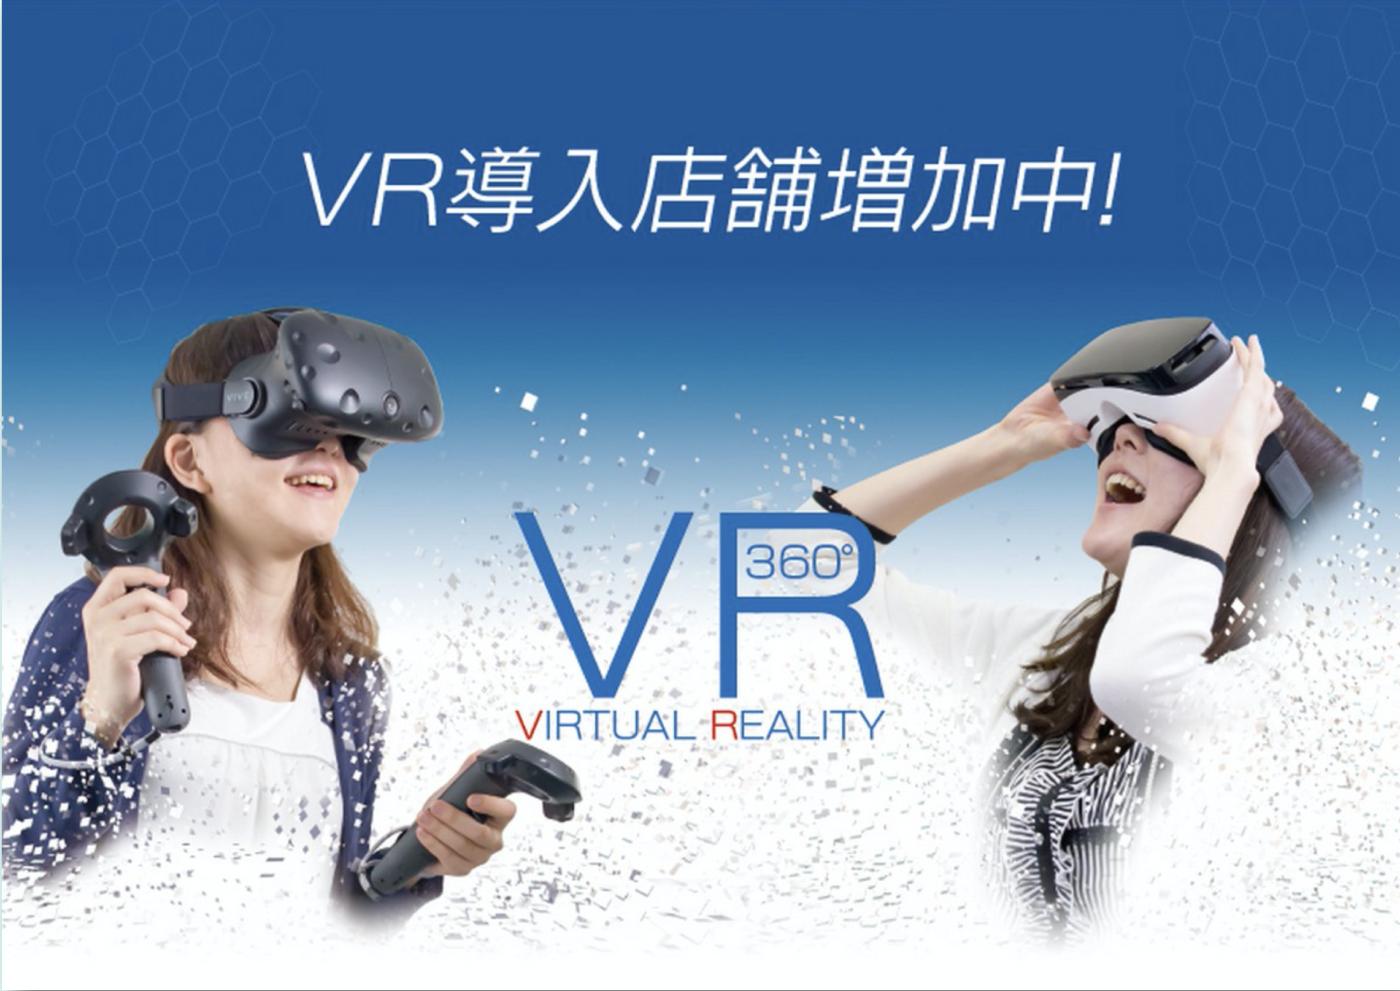 自遊空間VR